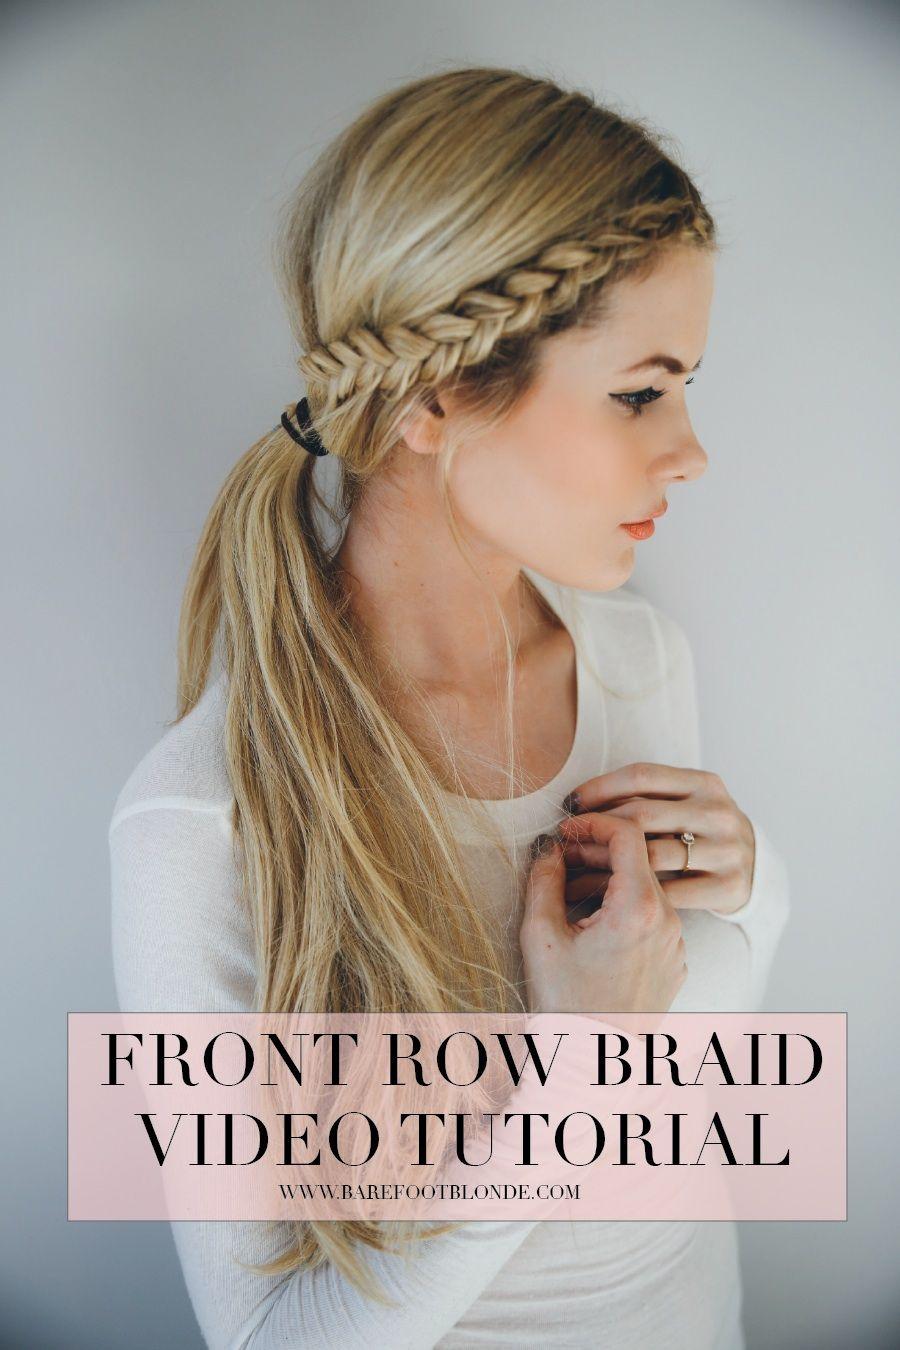 Fantastica gostei pinterest barefoot blonde braid